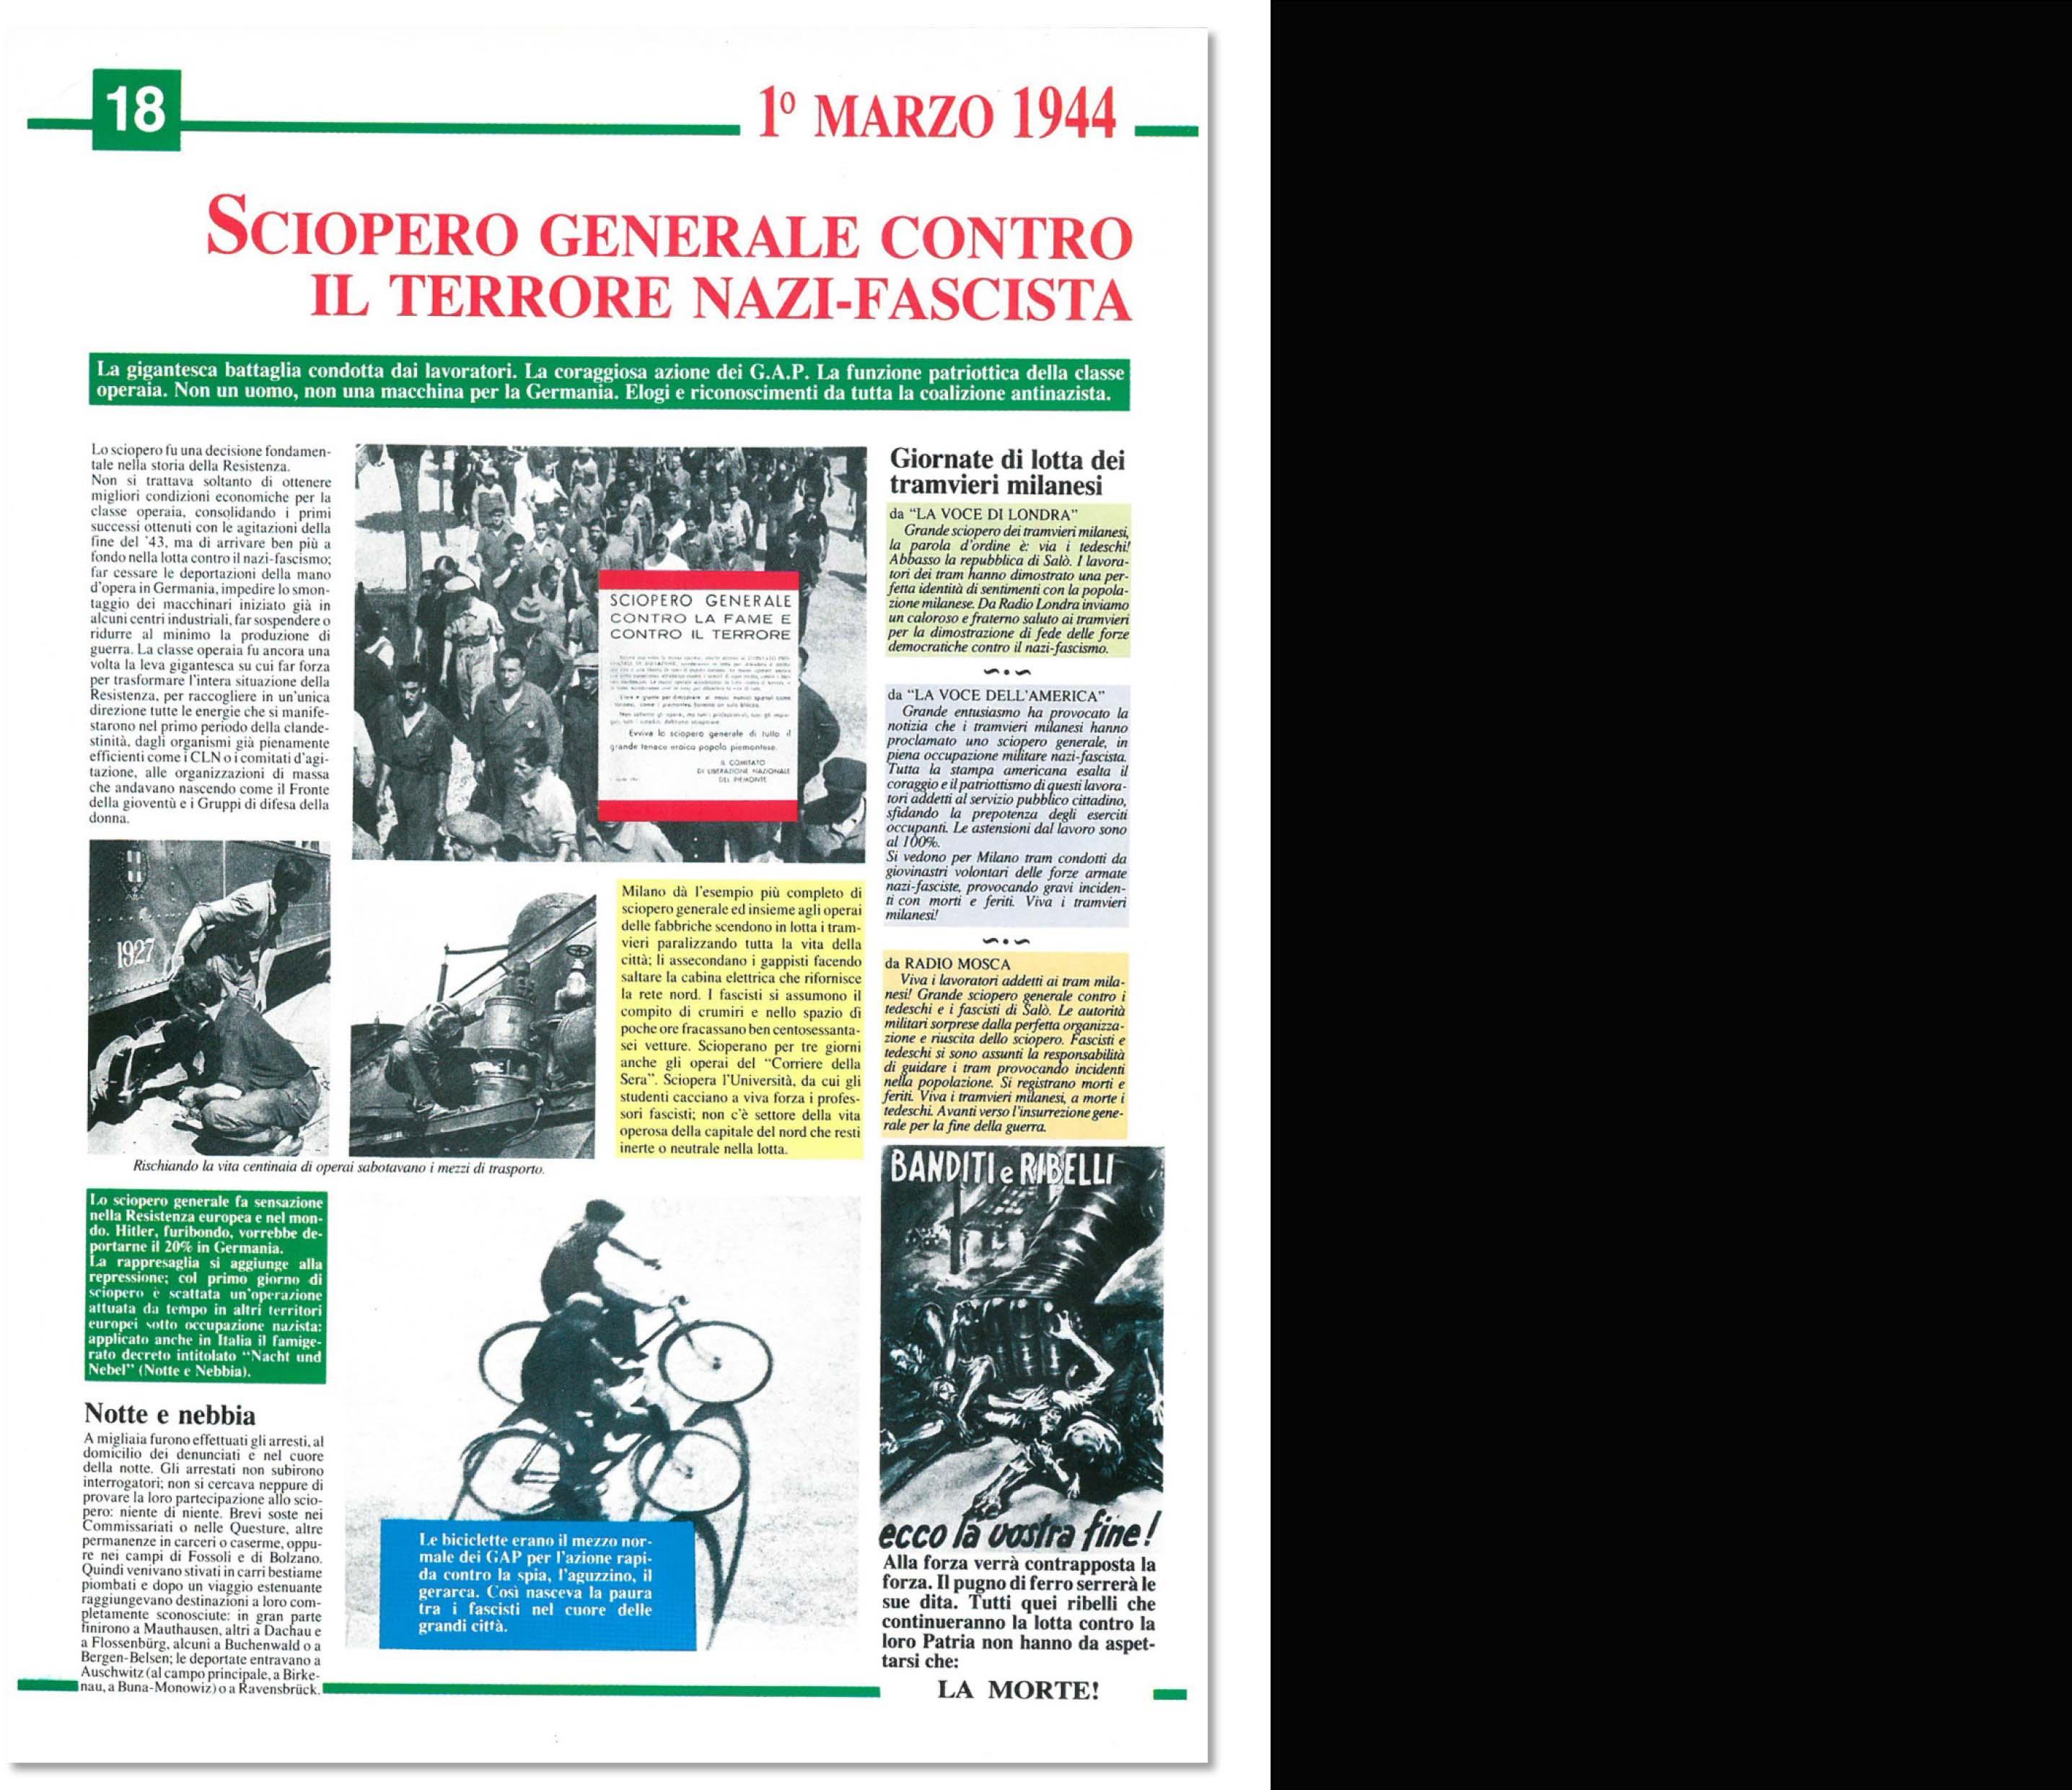 Storia e cronaca della Resistenza in Italia e Europa